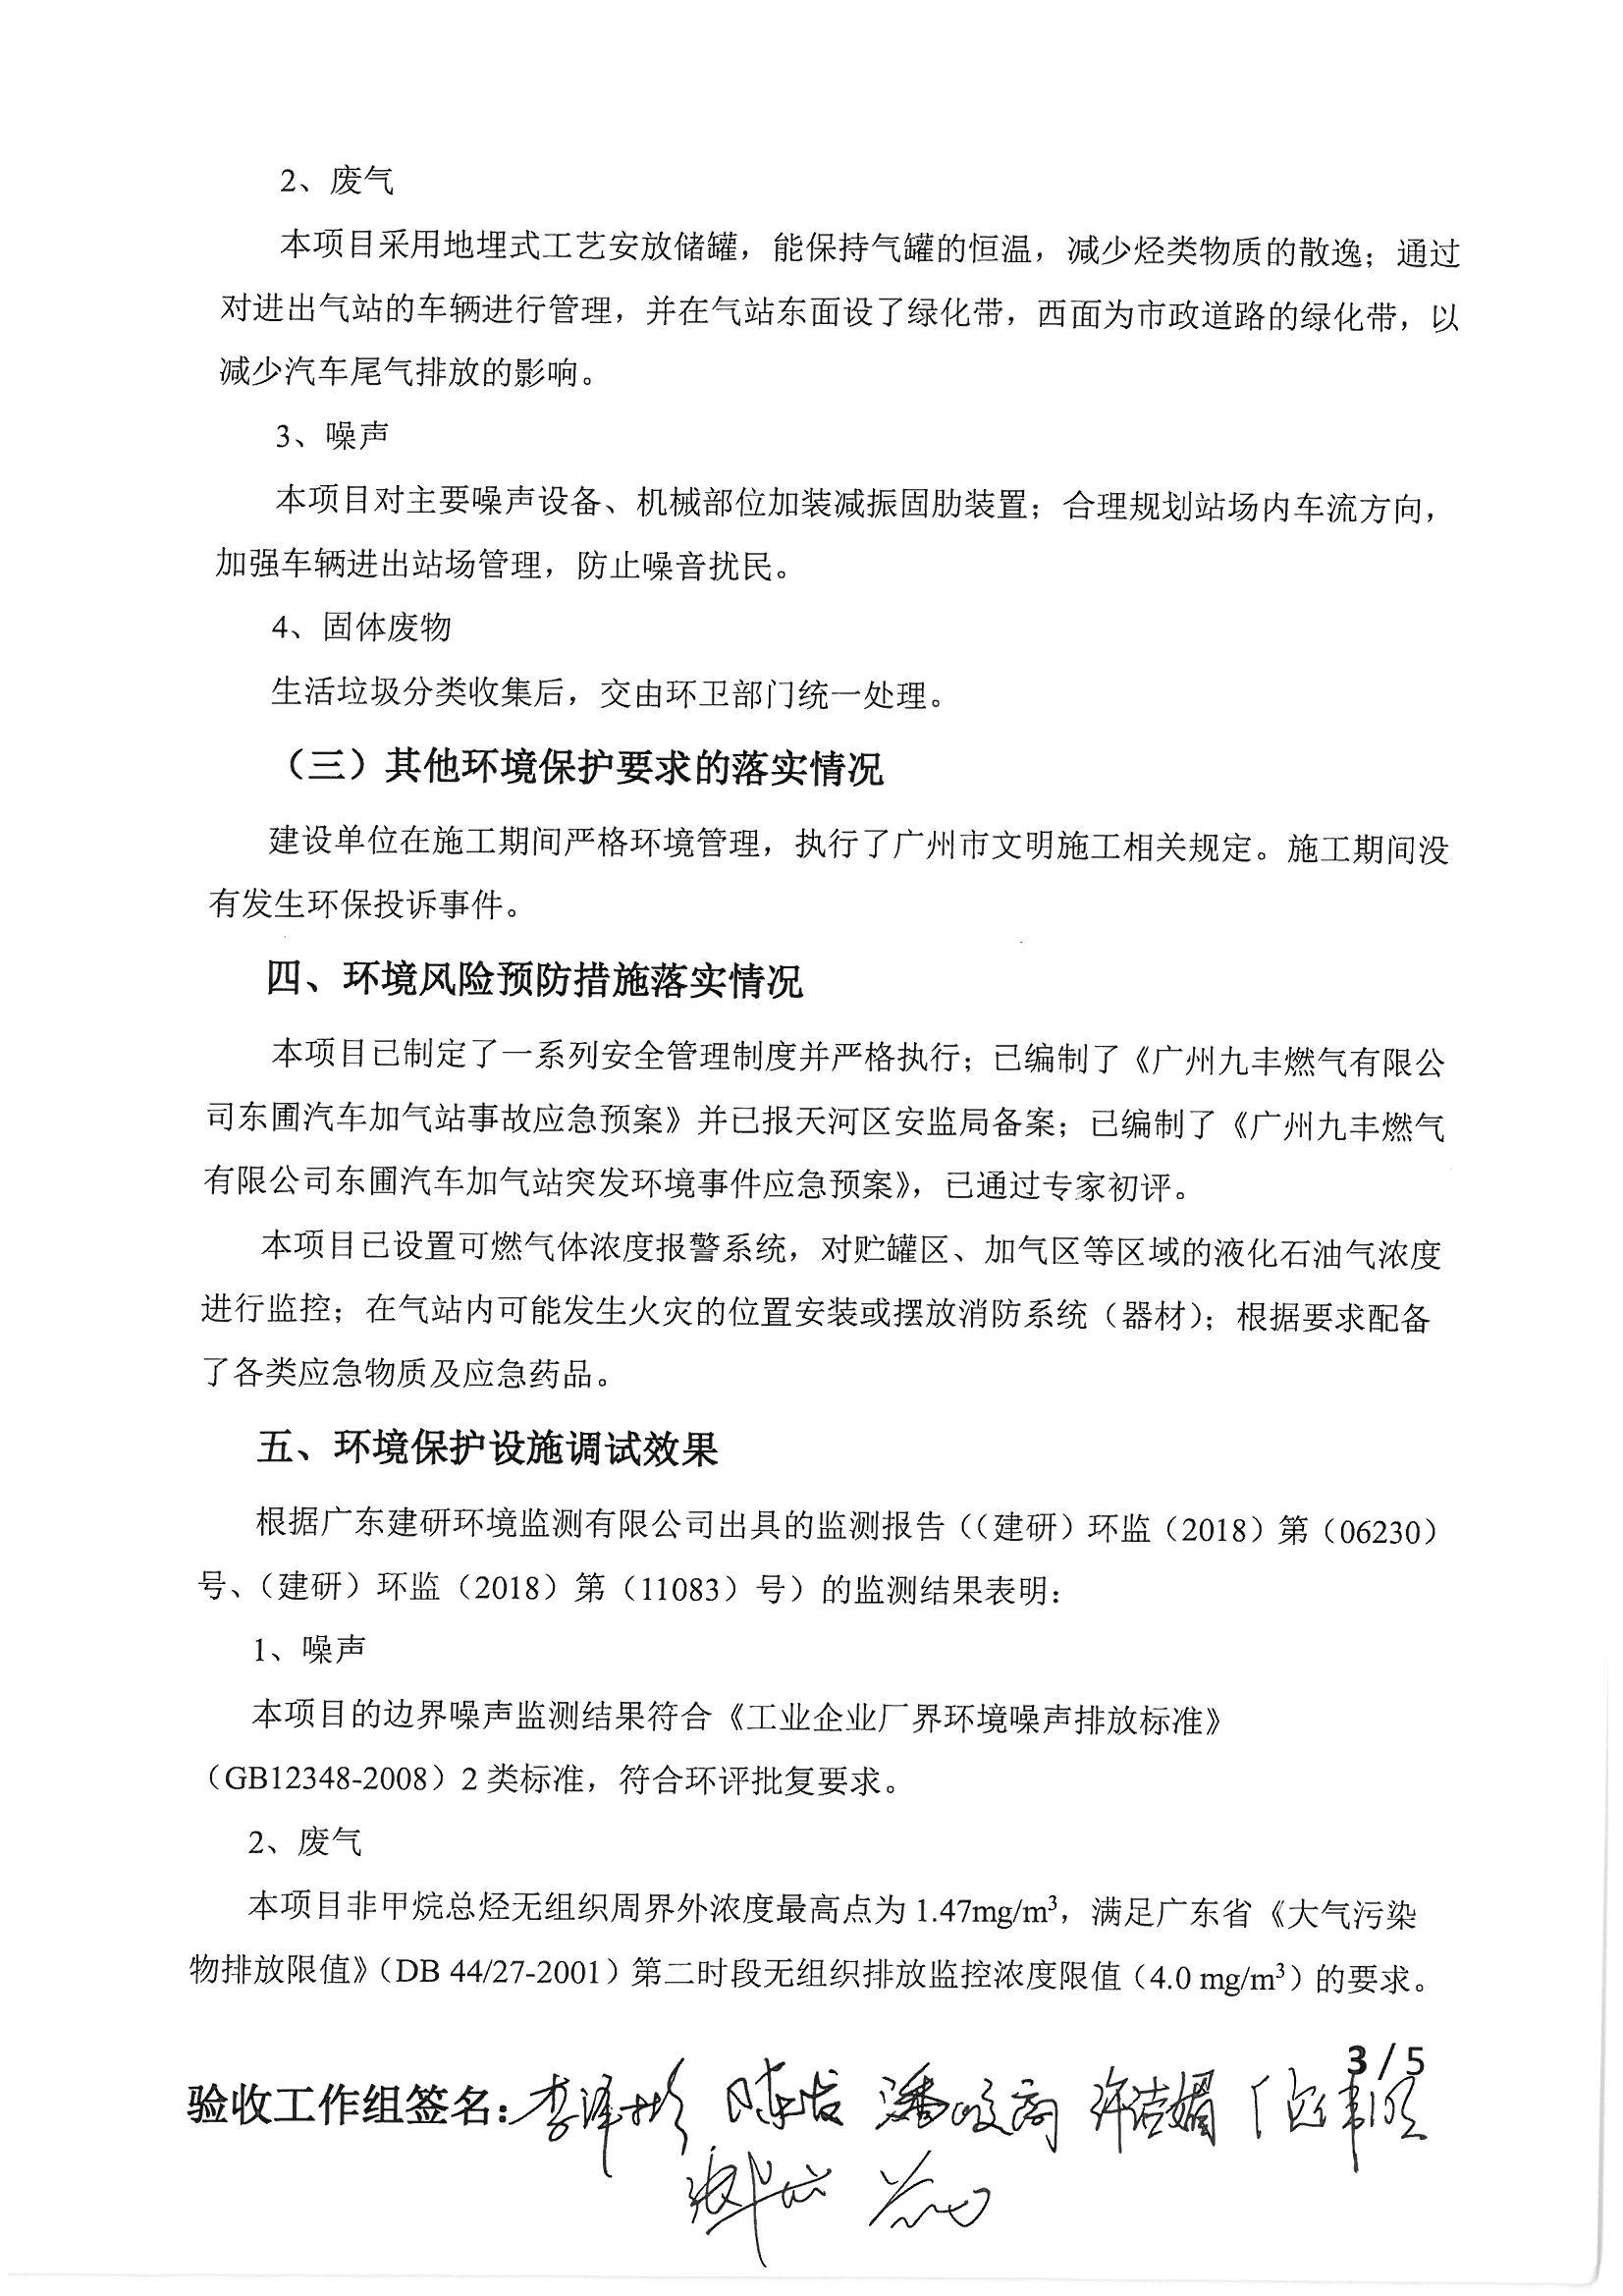 广州九丰燃气有限公司东圃汽车加气站项目竣工环境保护验收意见_页面_3